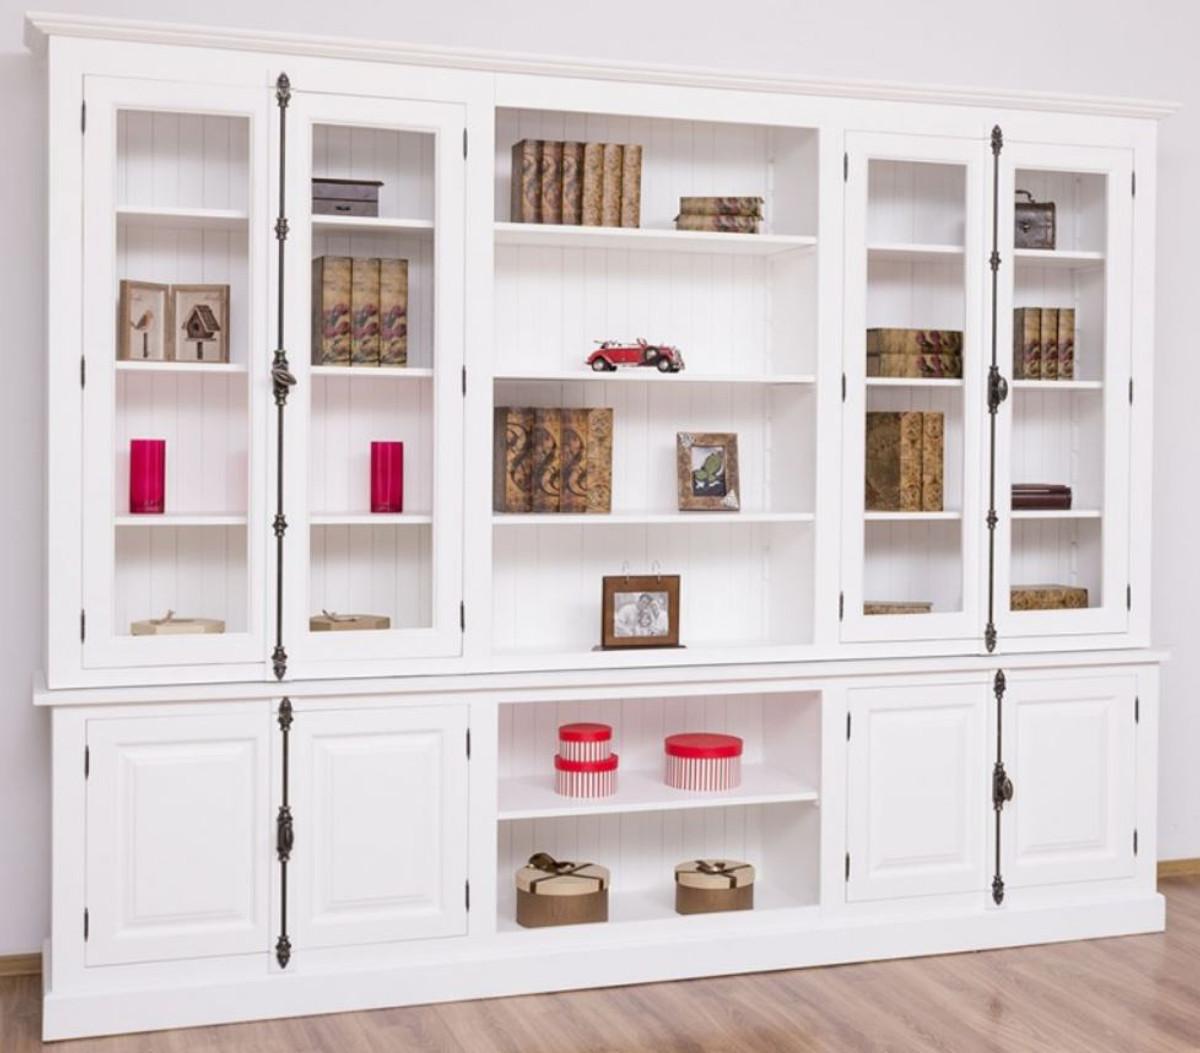 Casa Padrino Landhausstil Bücherschrank Weiß 7 x 7 x H. 7 cm -  Massivholz Schrank - Wohnzimmerschrank - Büroschrank - Landhausstil Möbel